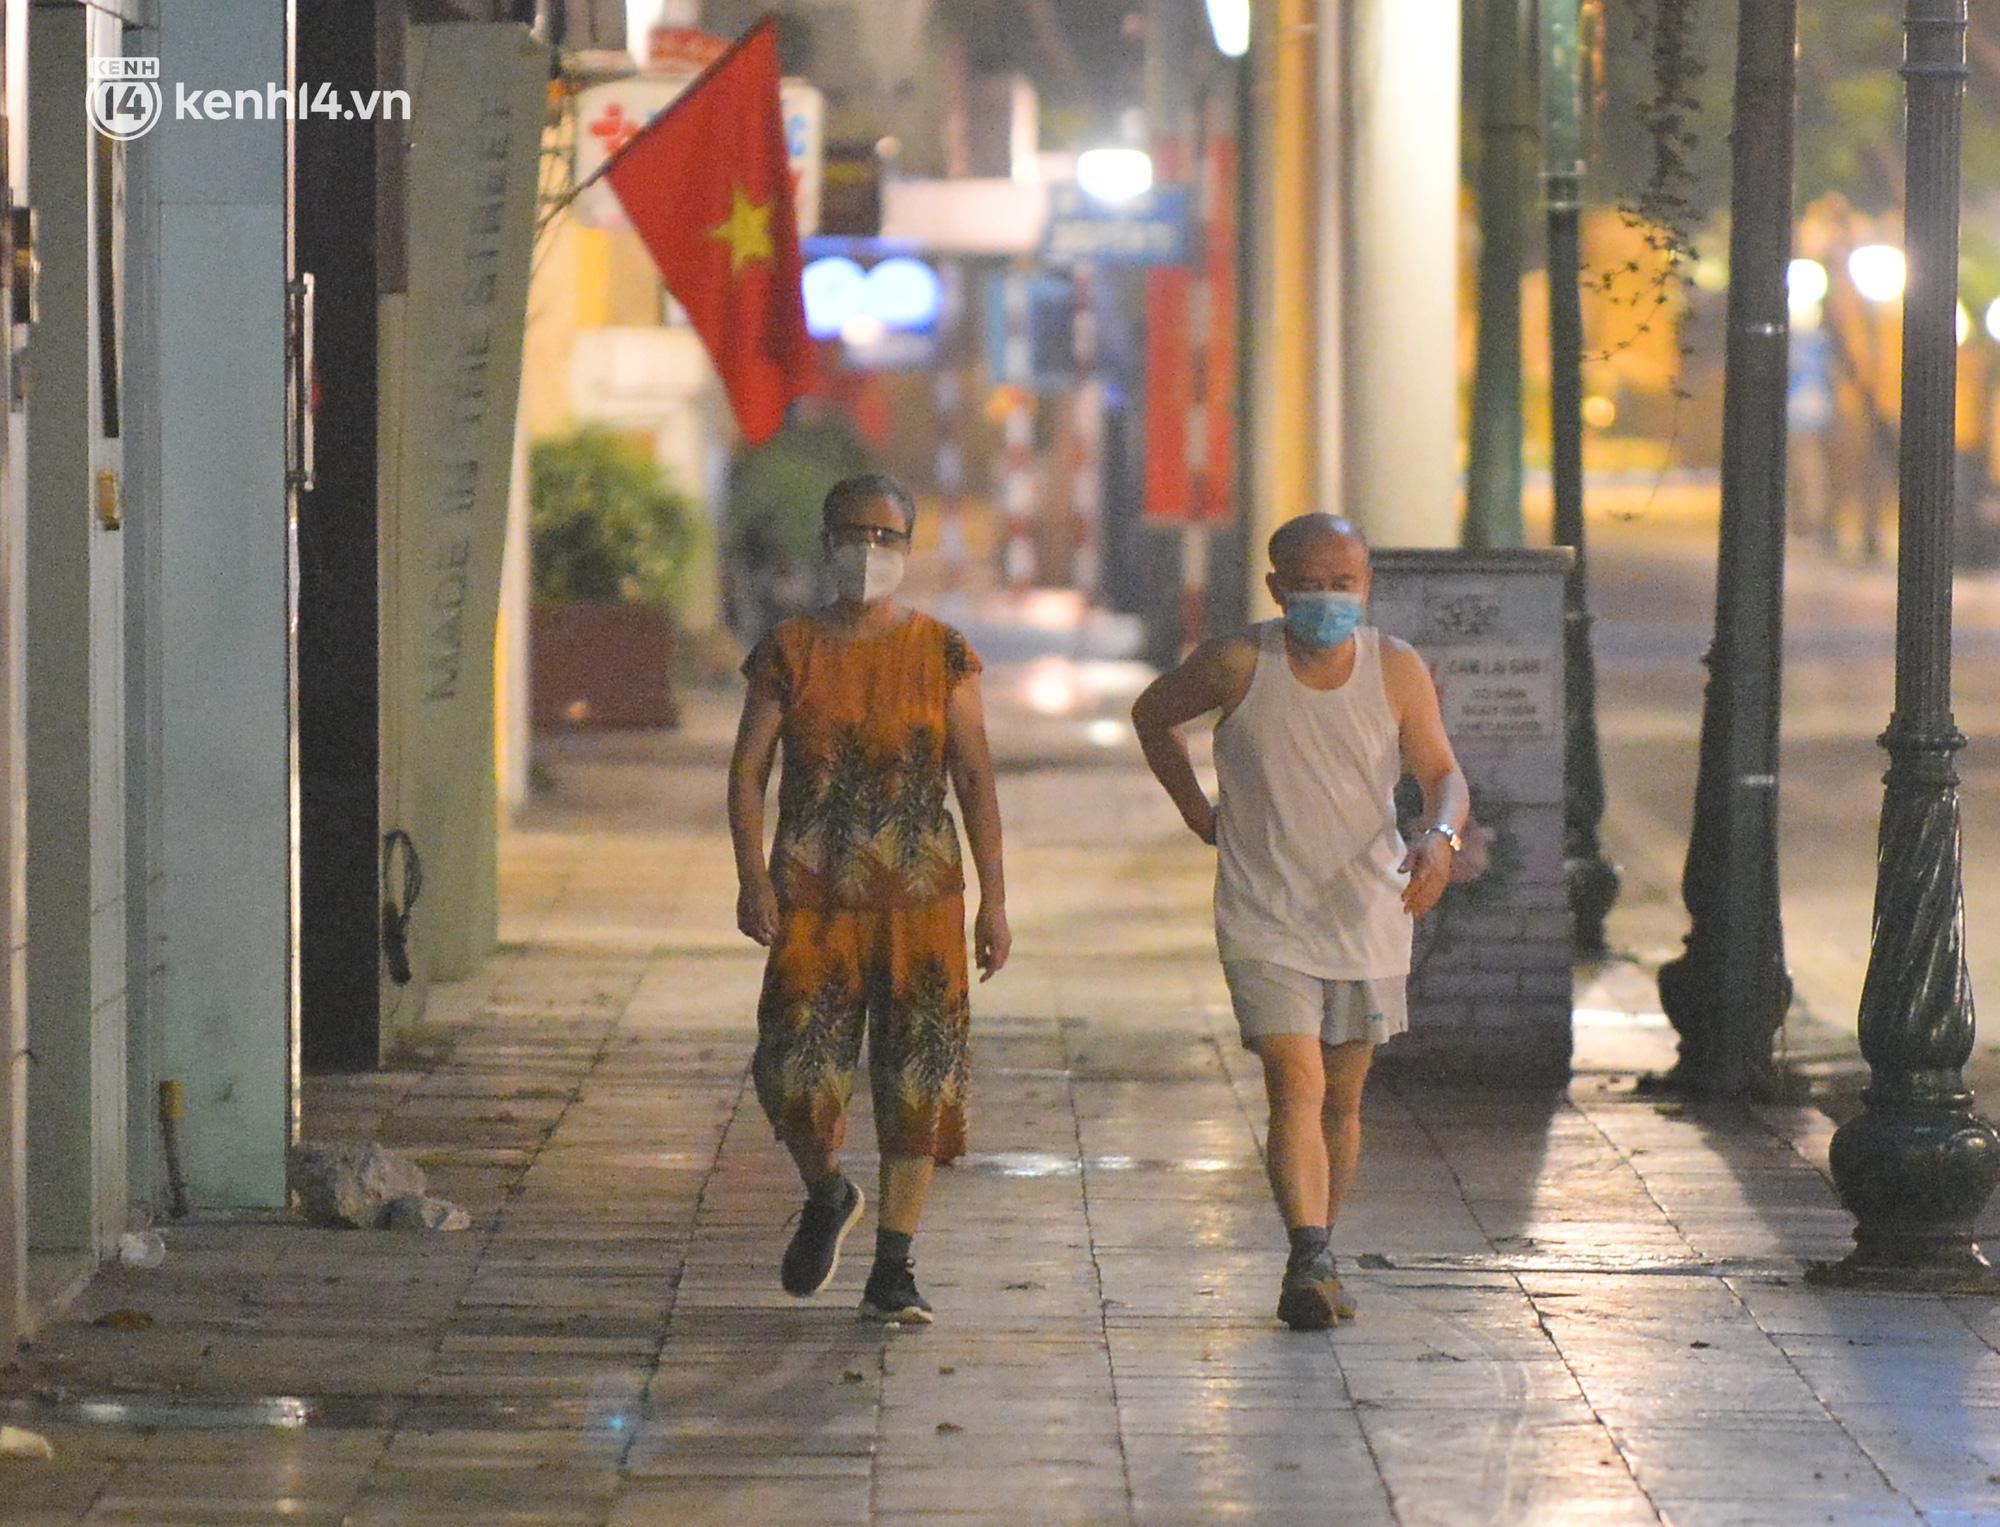 Hà Nội: Người dân né chốt, nửa đêm đến hồ Gươm tập thể dục dù công an canh gác xuyên đêm - Ảnh 2.